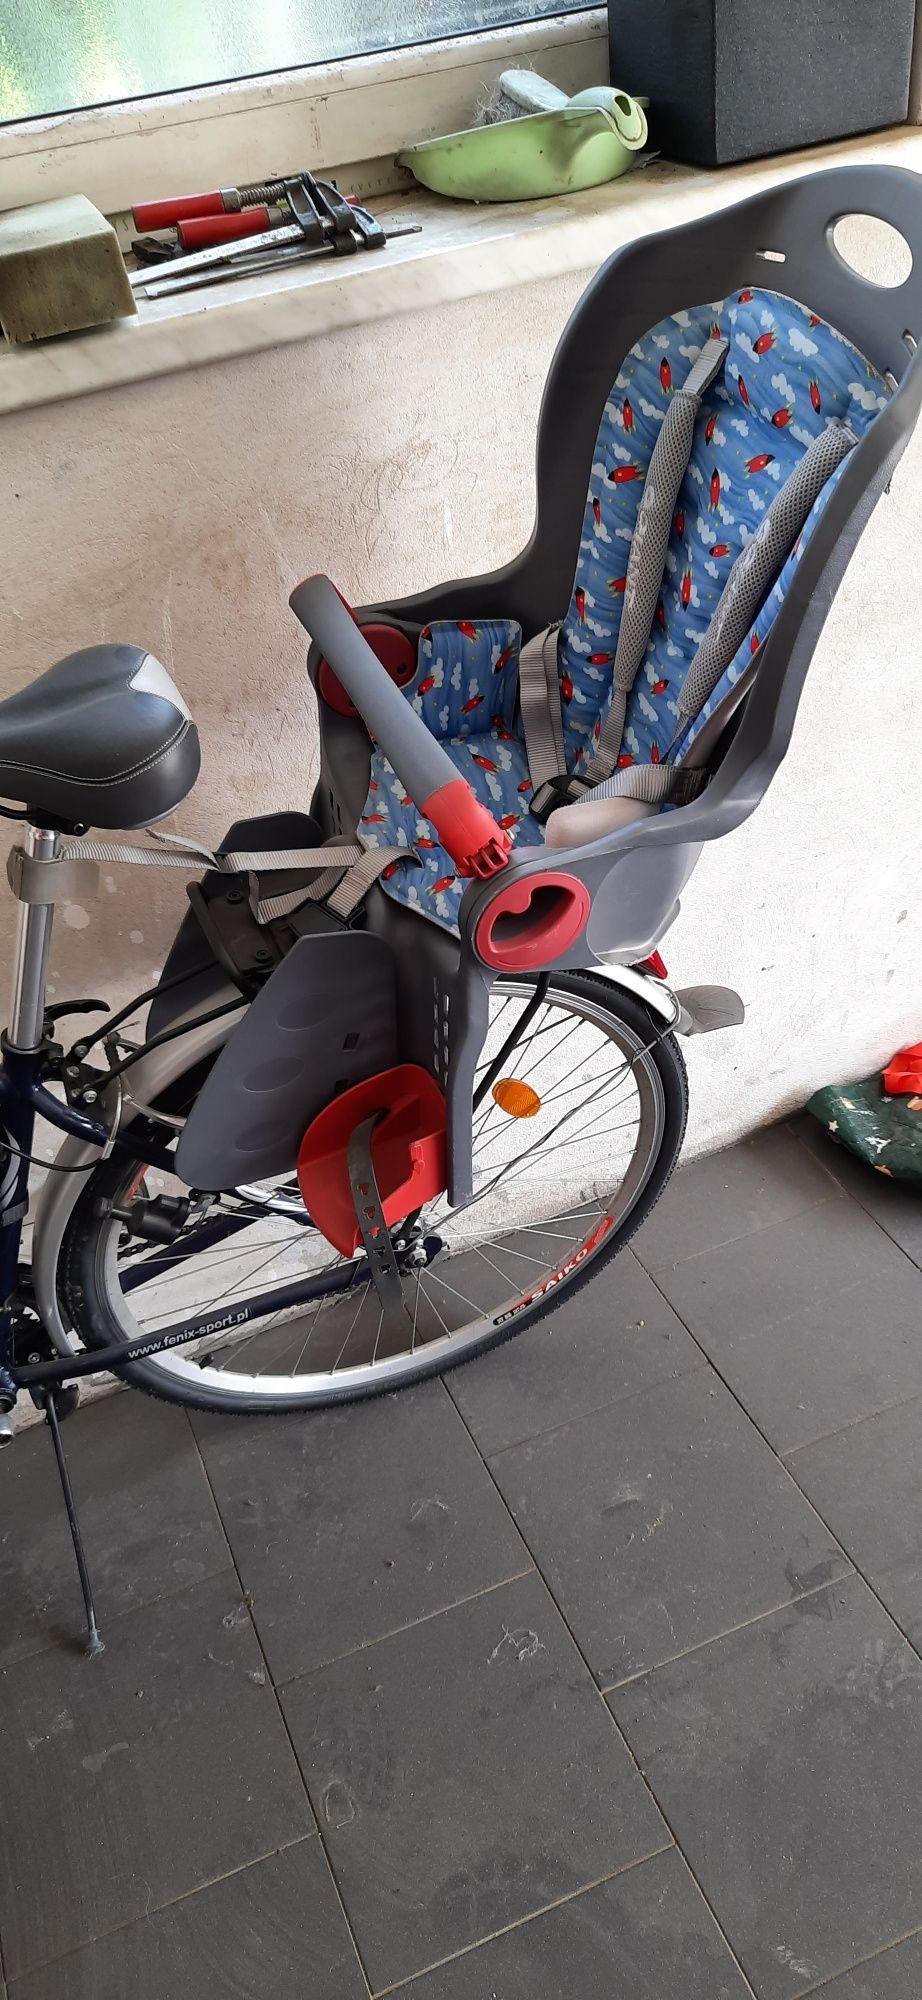 Fotelik rowerowy firmy Giant